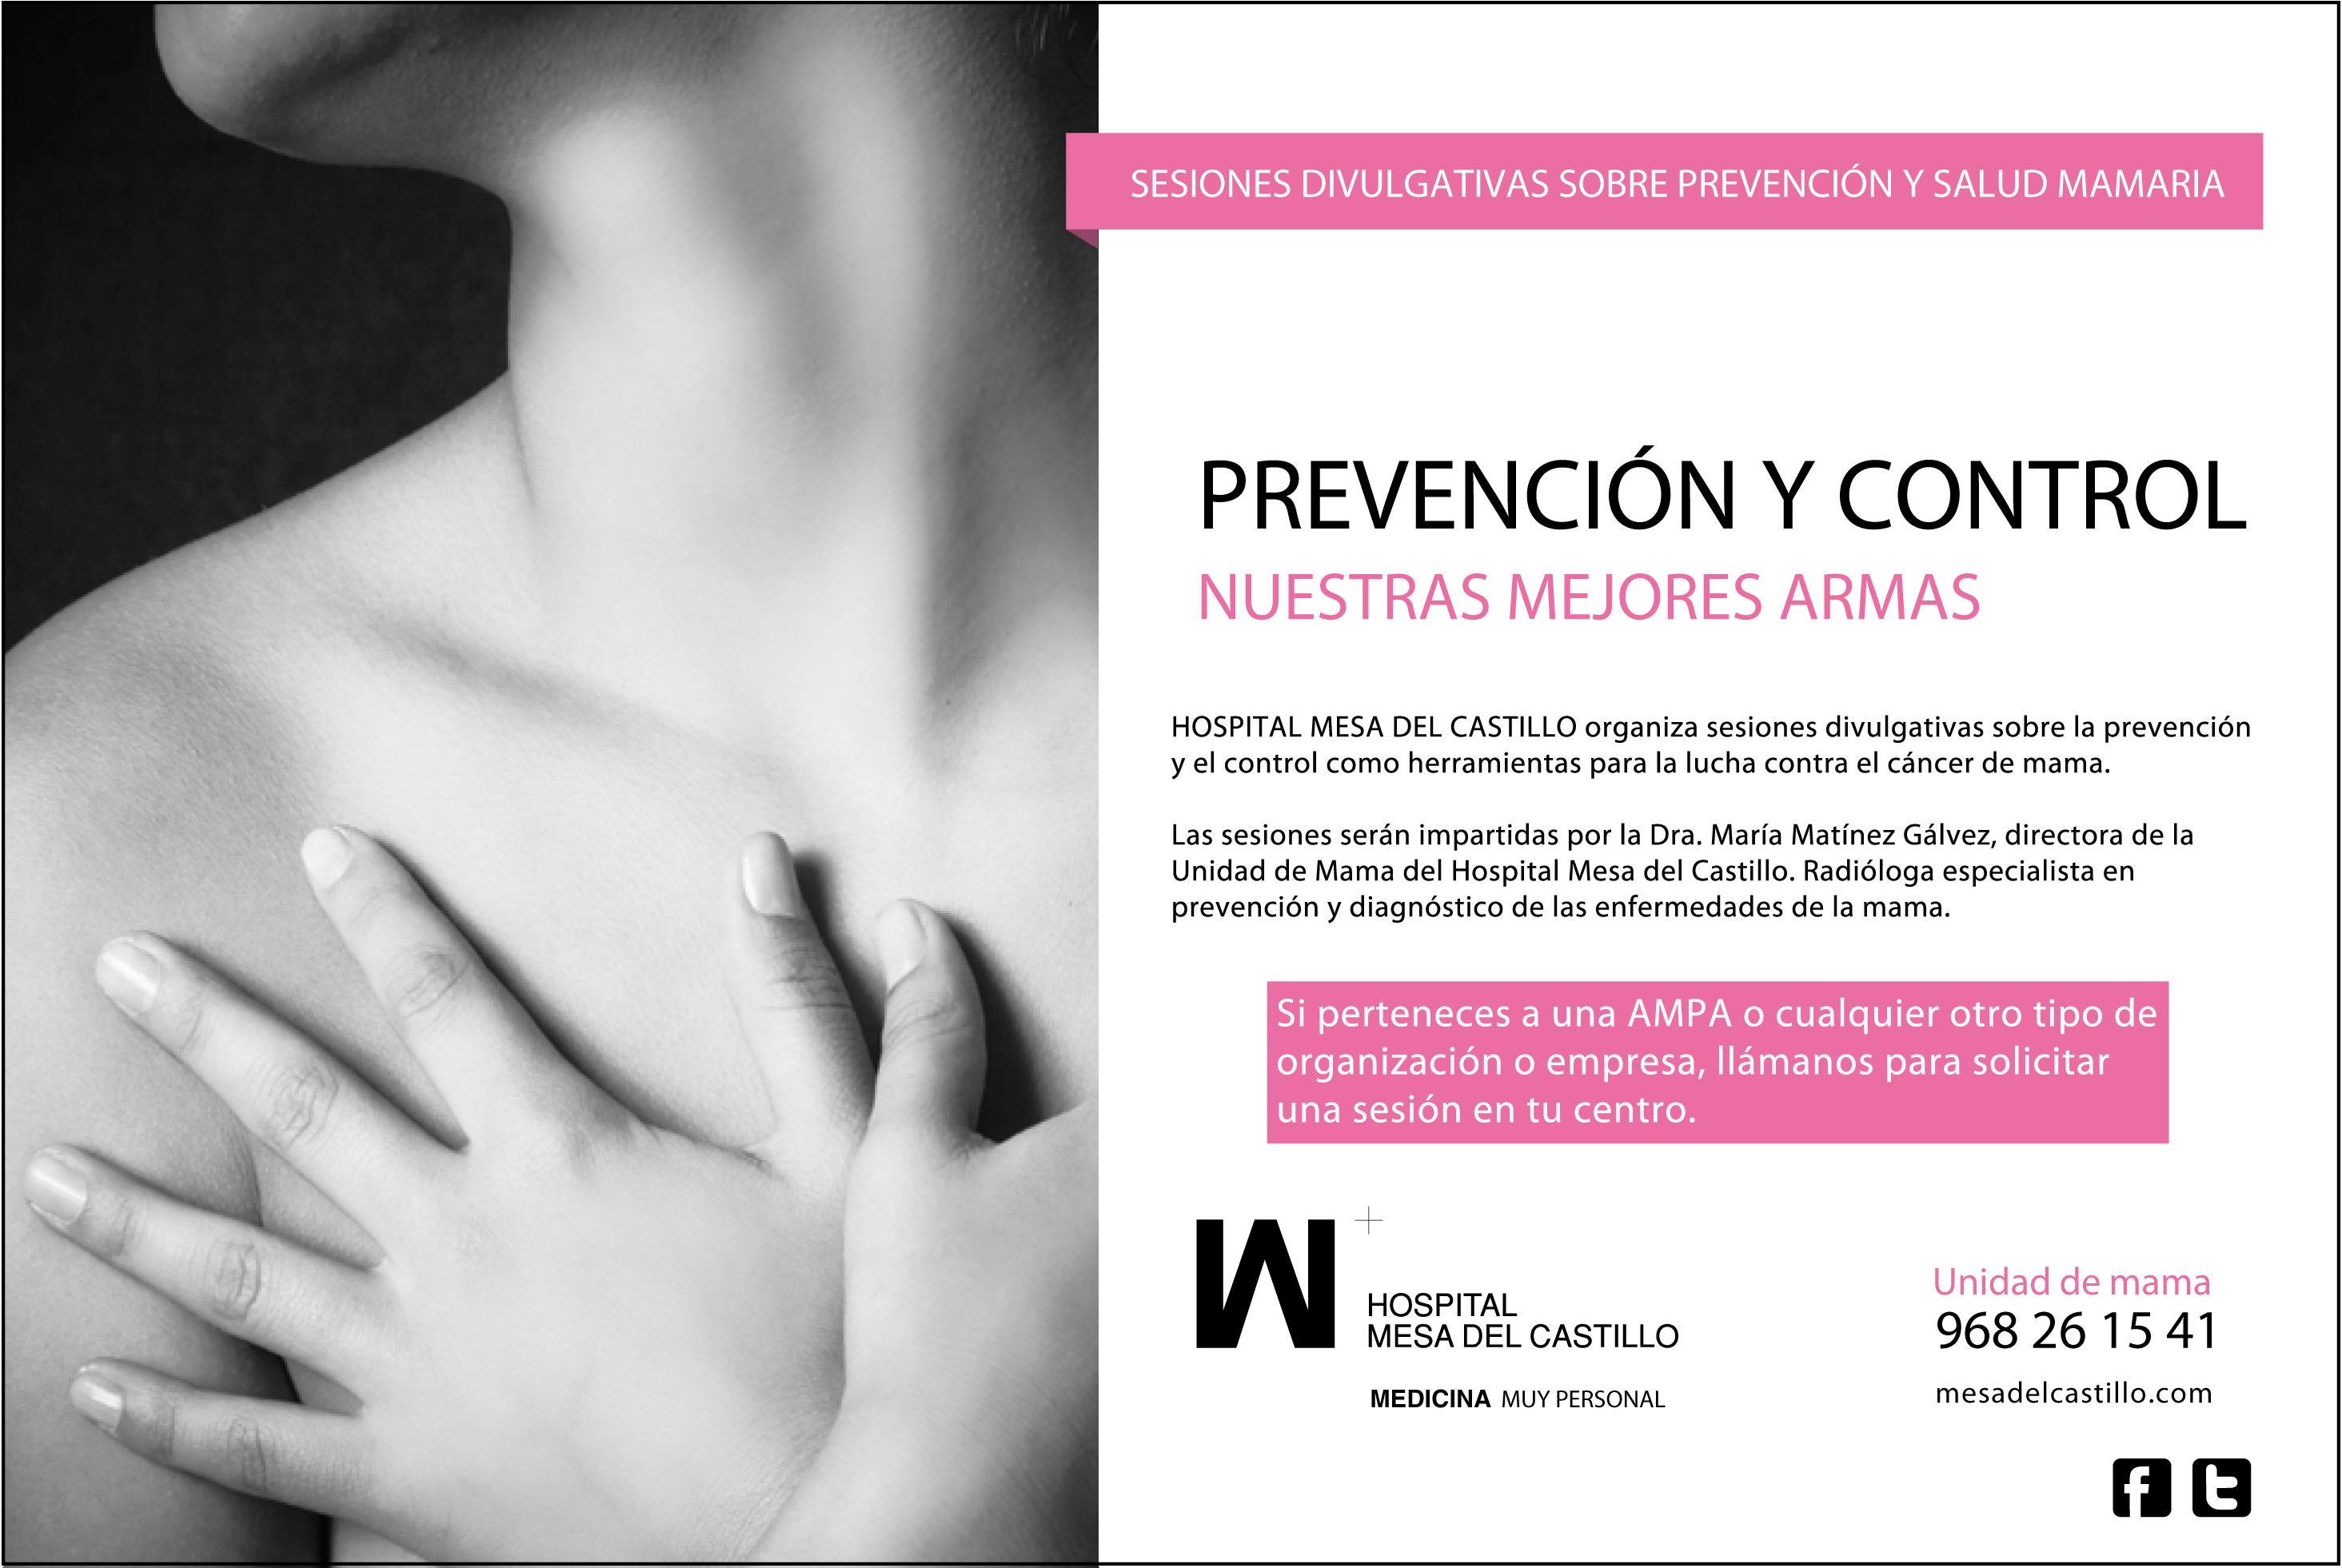 Sesiones divulgativas de prevención del cáncer de mama